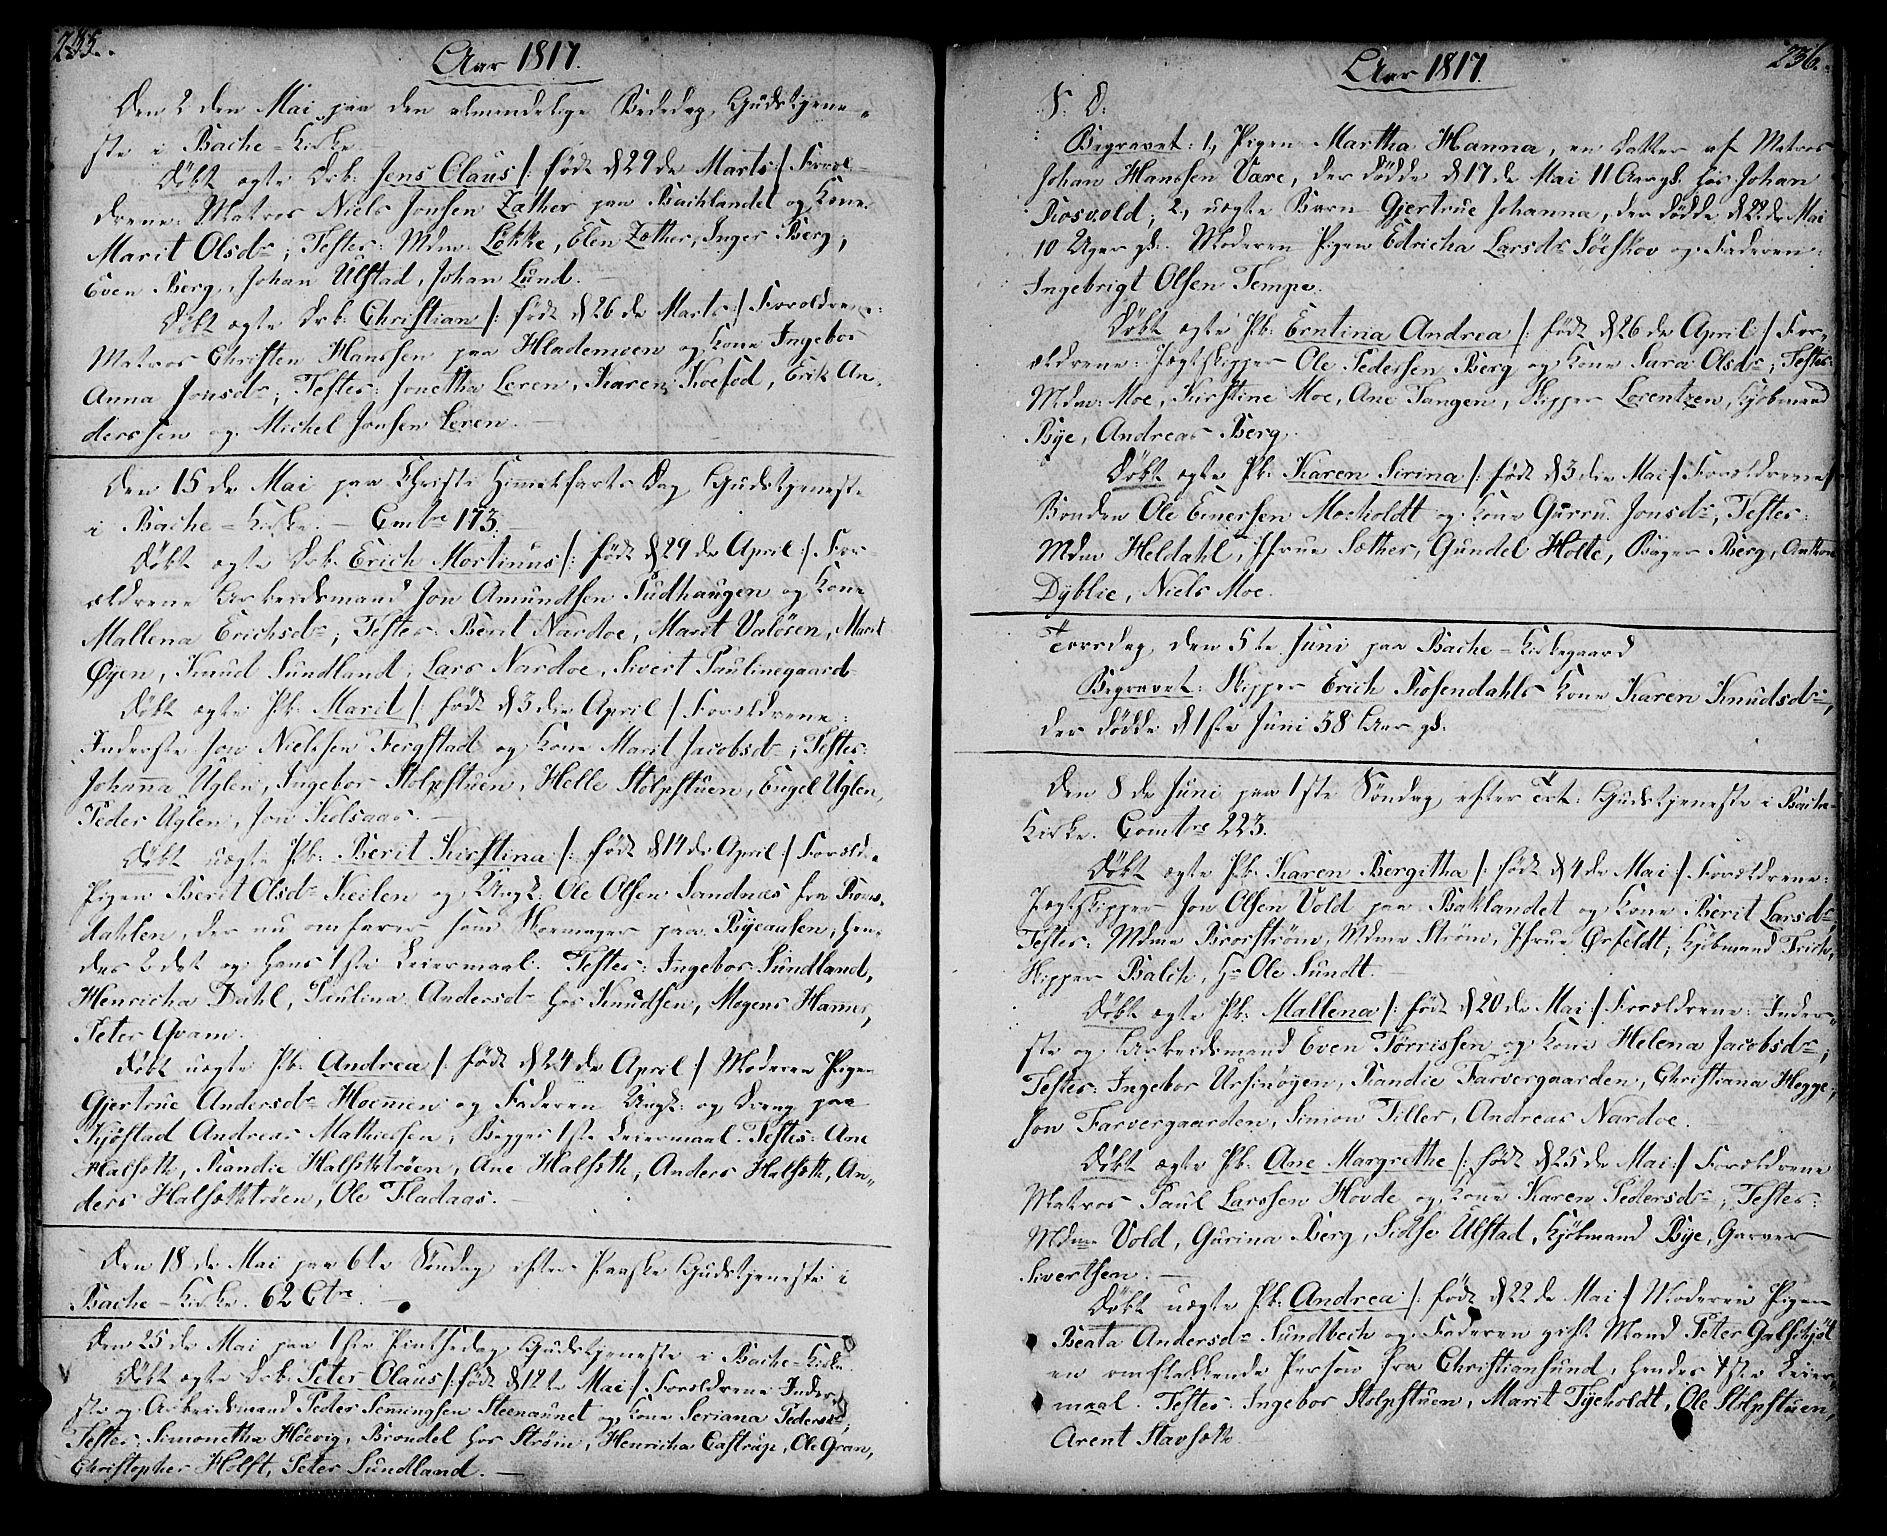 SAT, Ministerialprotokoller, klokkerbøker og fødselsregistre - Sør-Trøndelag, 604/L0181: Ministerialbok nr. 604A02, 1798-1817, s. 235-236